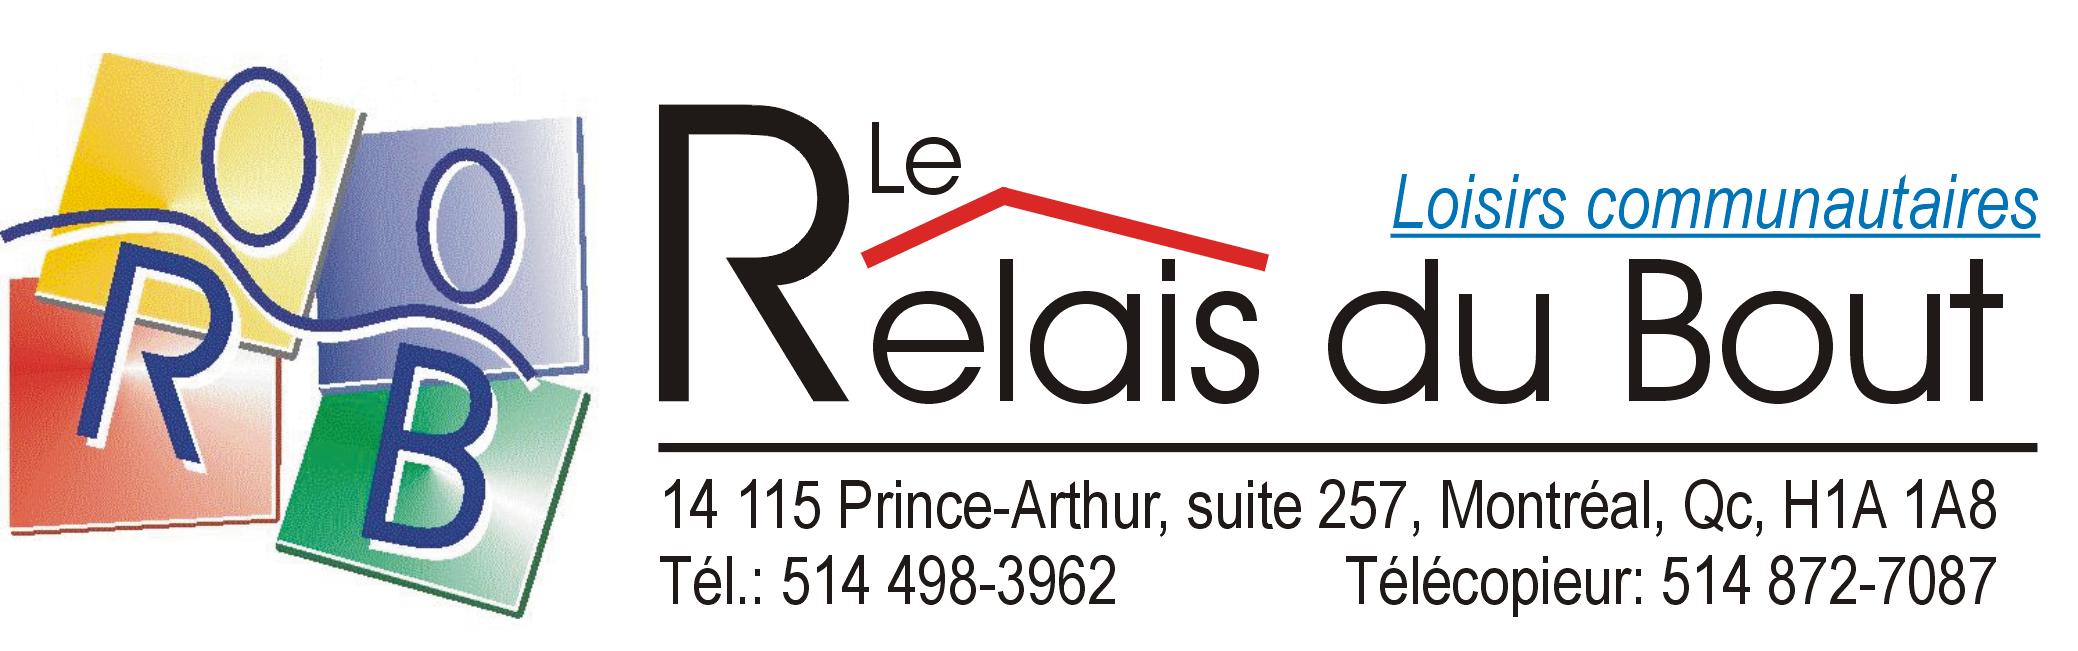 Relais-du-bout logo